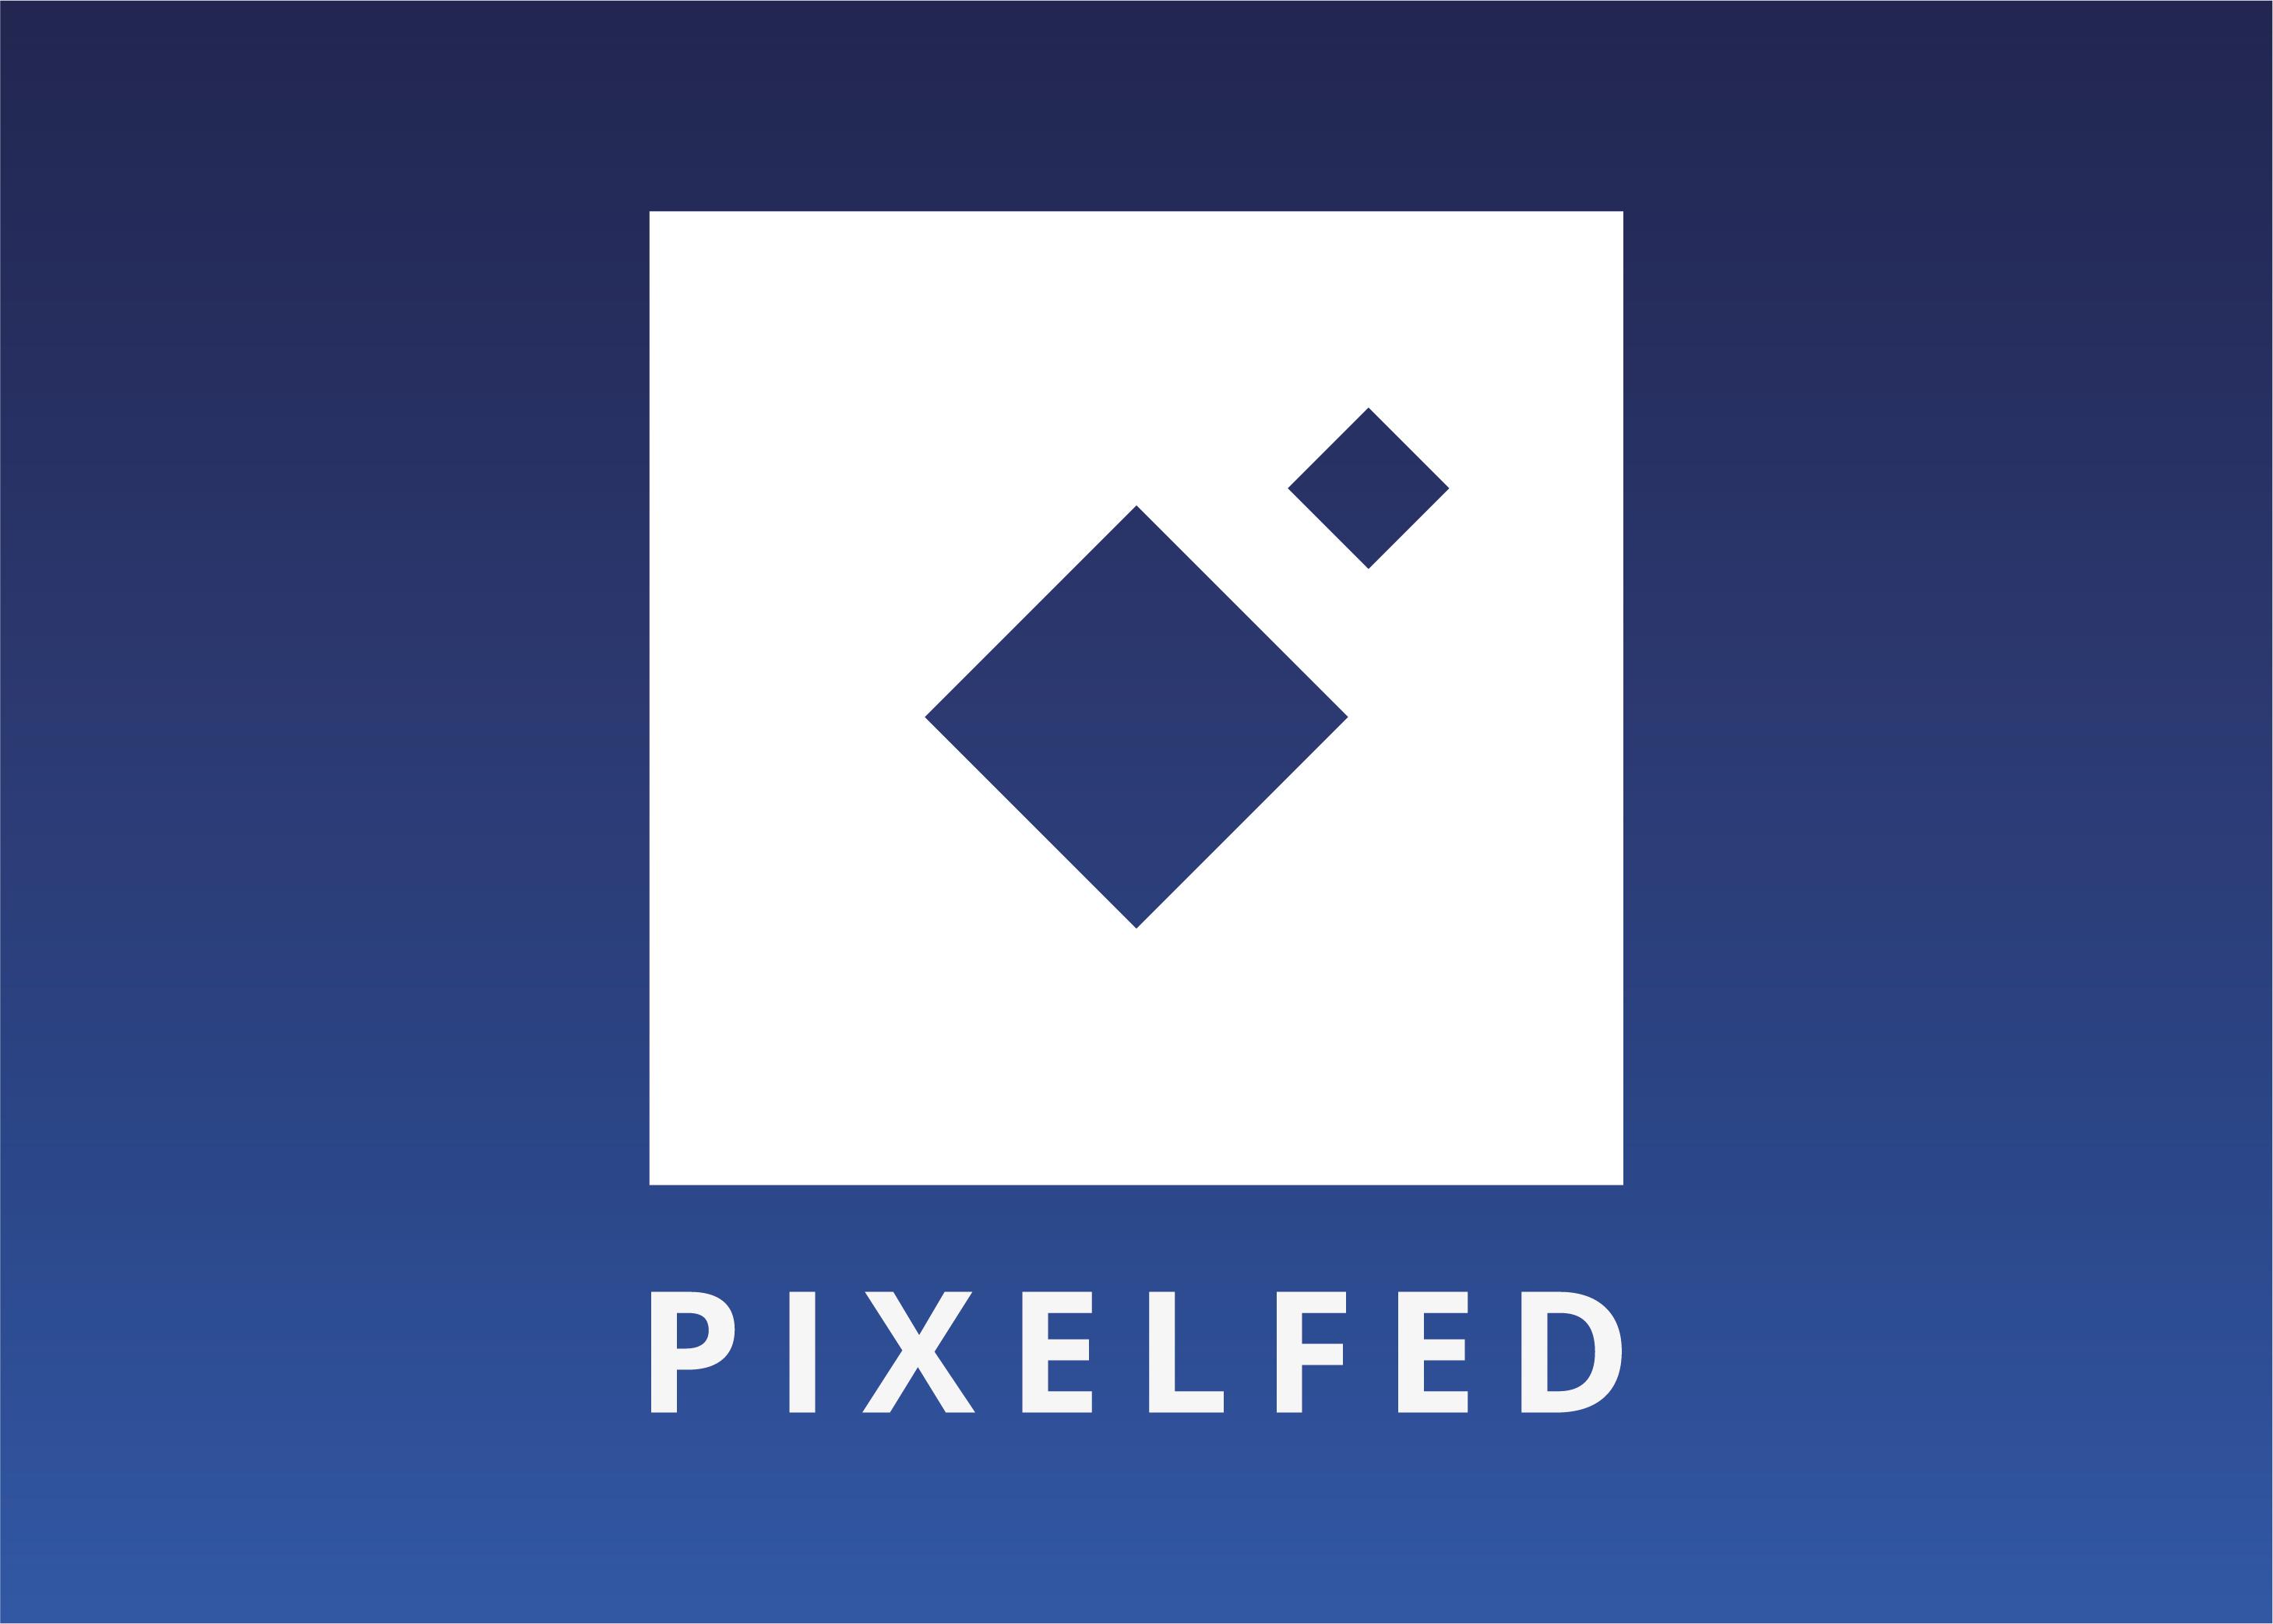 pixelfed_logo-20180604-v02-09